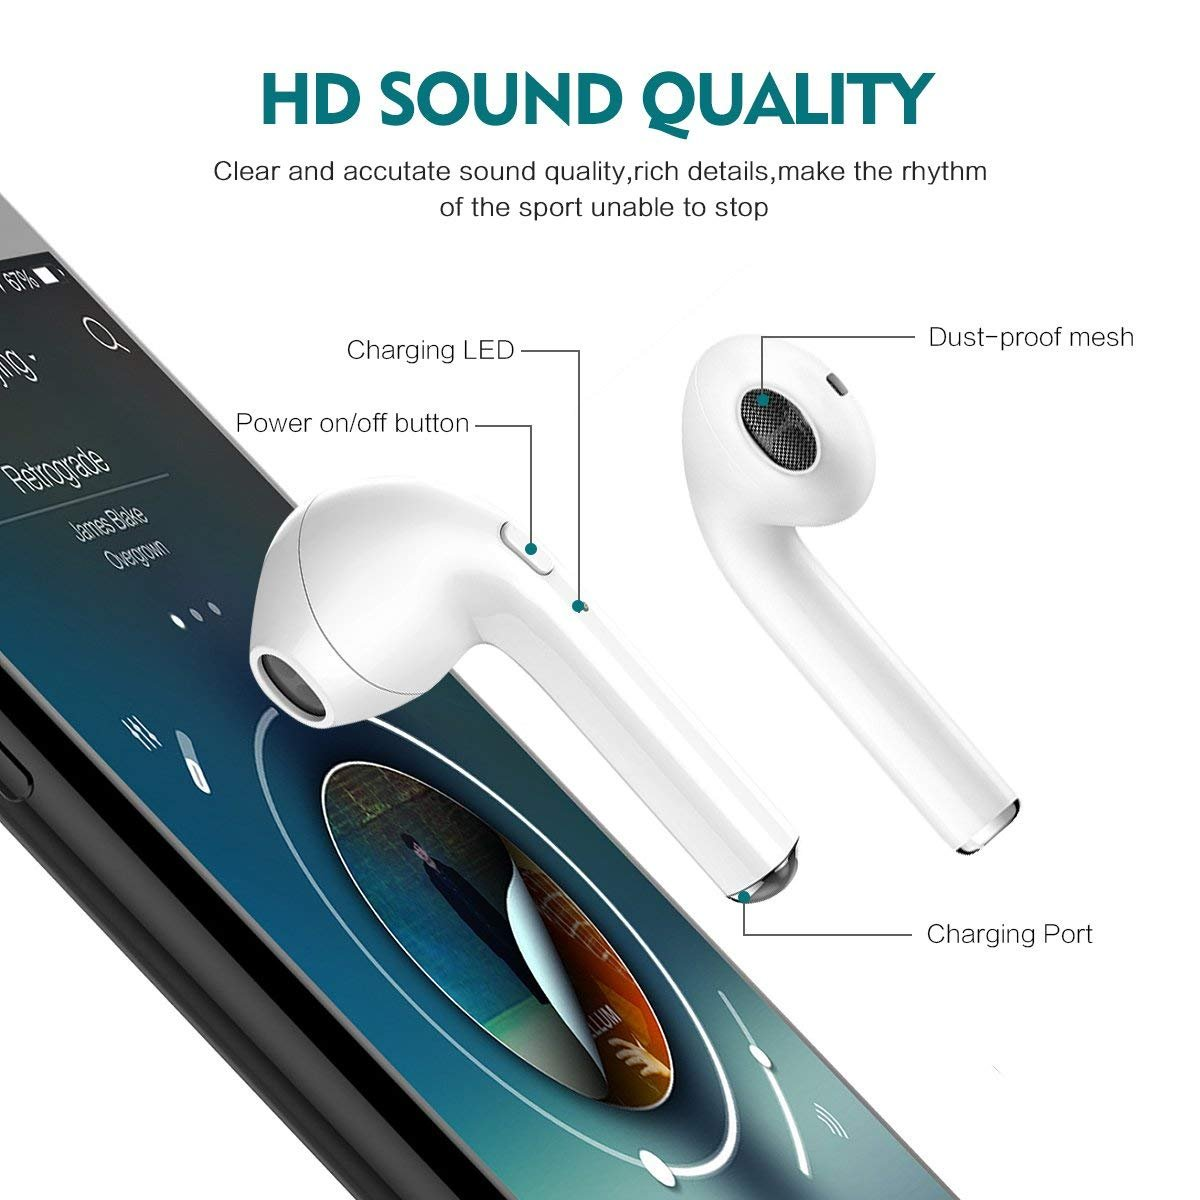 Auriculares inalámbricos Auriculares Bluetooth Auriculares Deportivos Auriculares intrauditivos Auriculares HiFi con micrófono, Compatible con Smartphone: ...